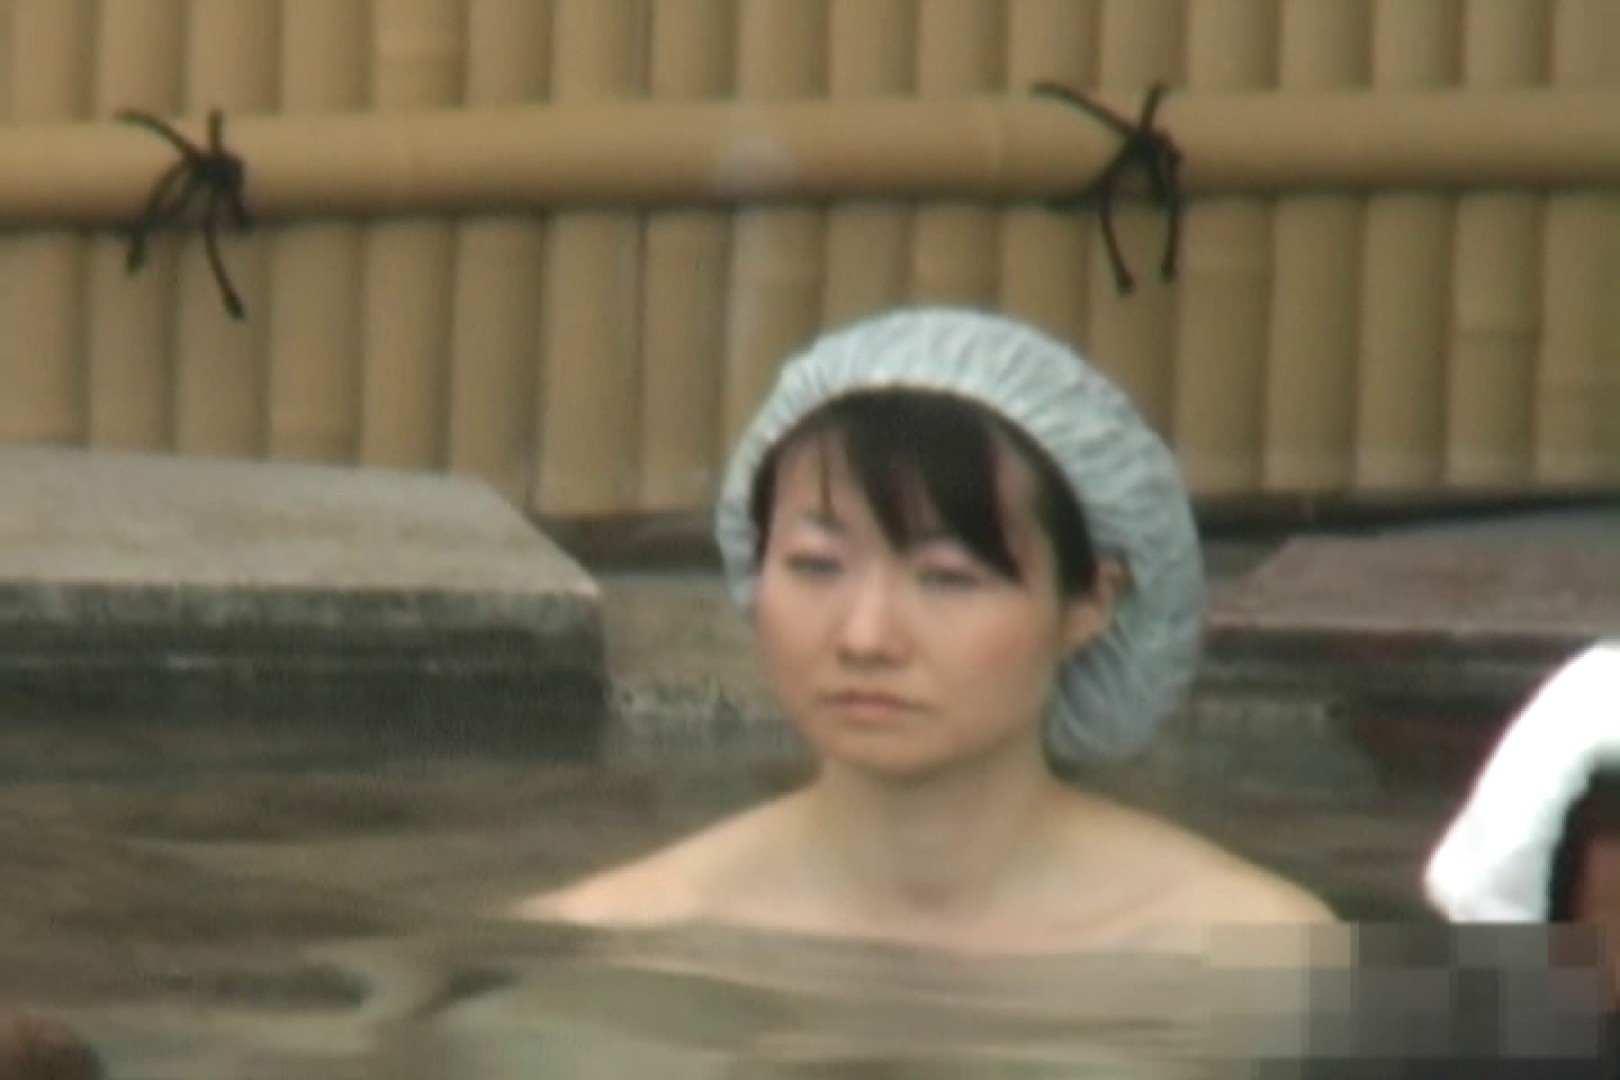 Aquaな露天風呂Vol.864 盗撮シリーズ  97PIX 38